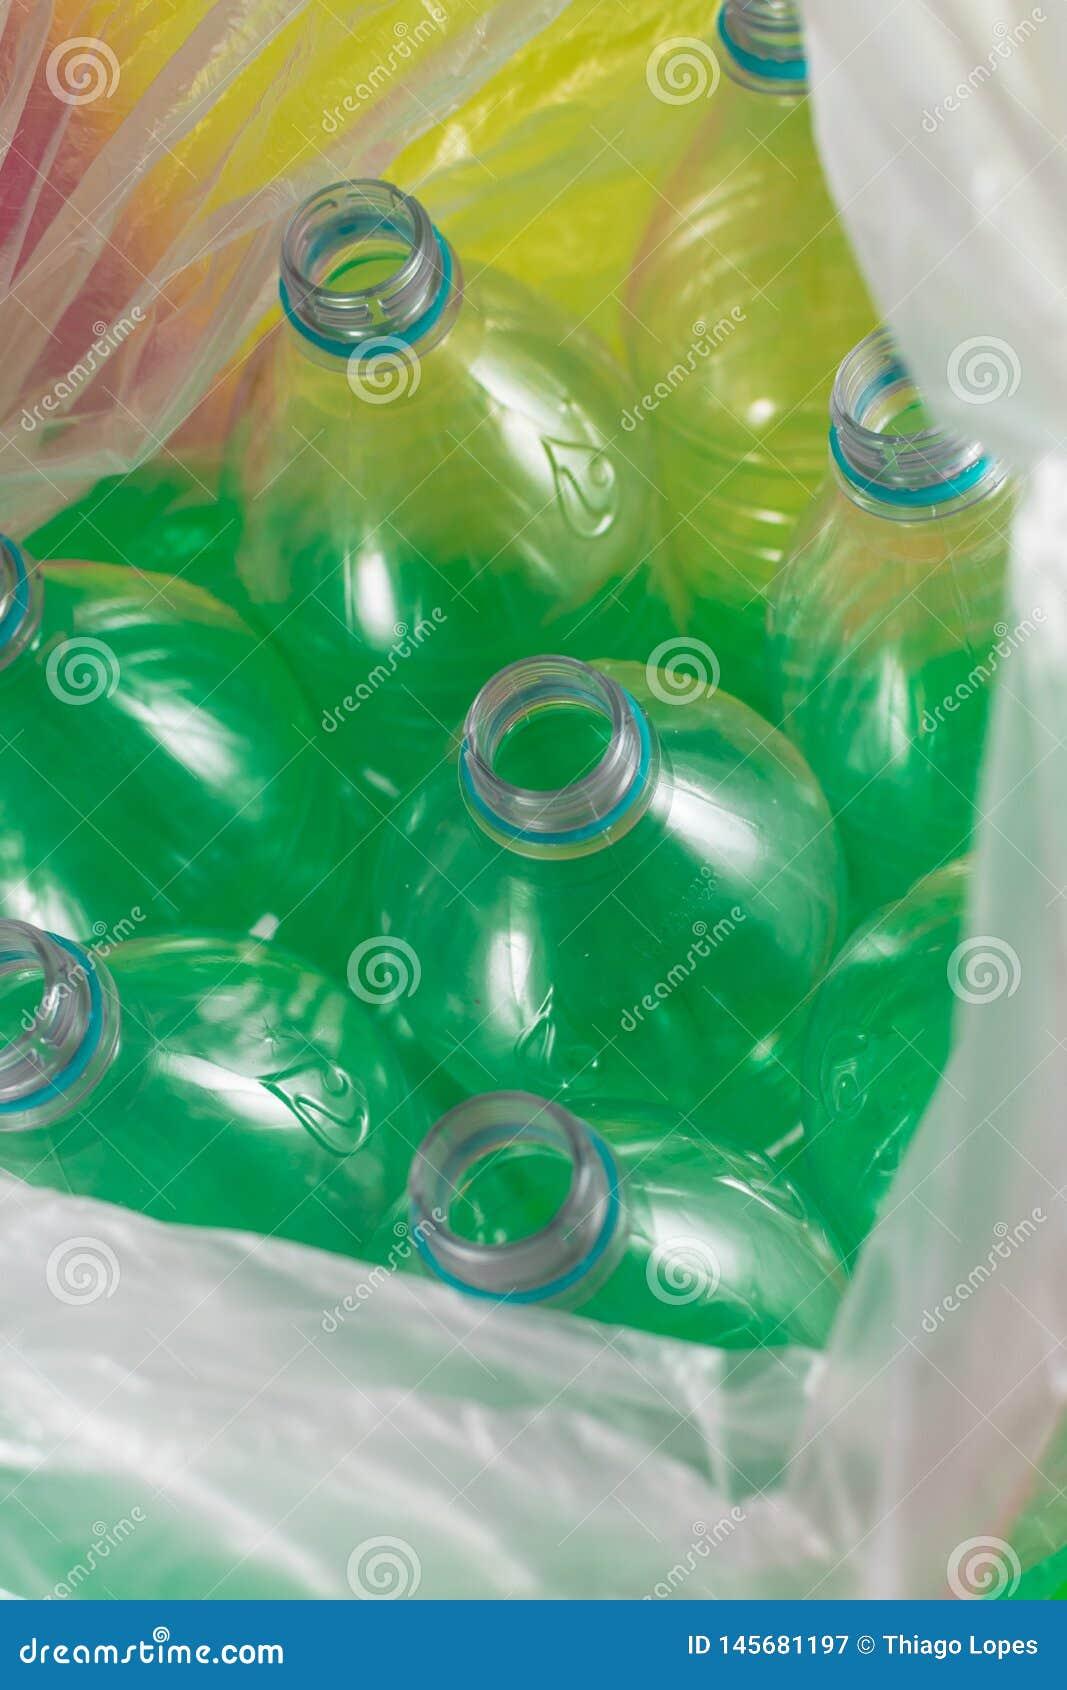 Пакет 8 пустого и recyclable пластиковых бутылок с водой, без крышек, голубое уплотнение, внутри покрашенного полиэтиленового пак